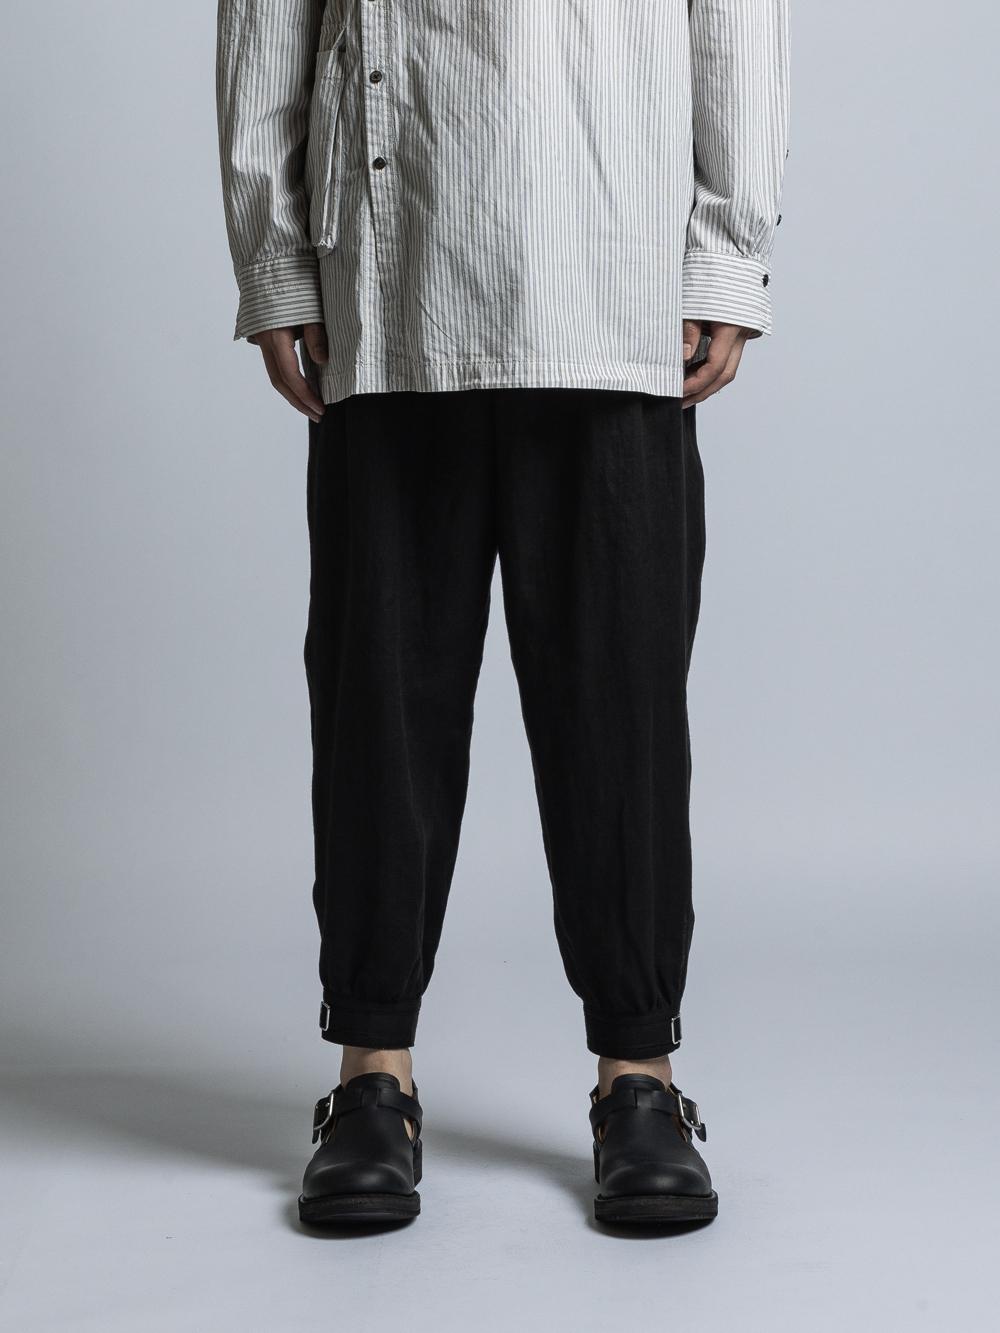 VI-3324-04 / リネン裾カフスパンツ